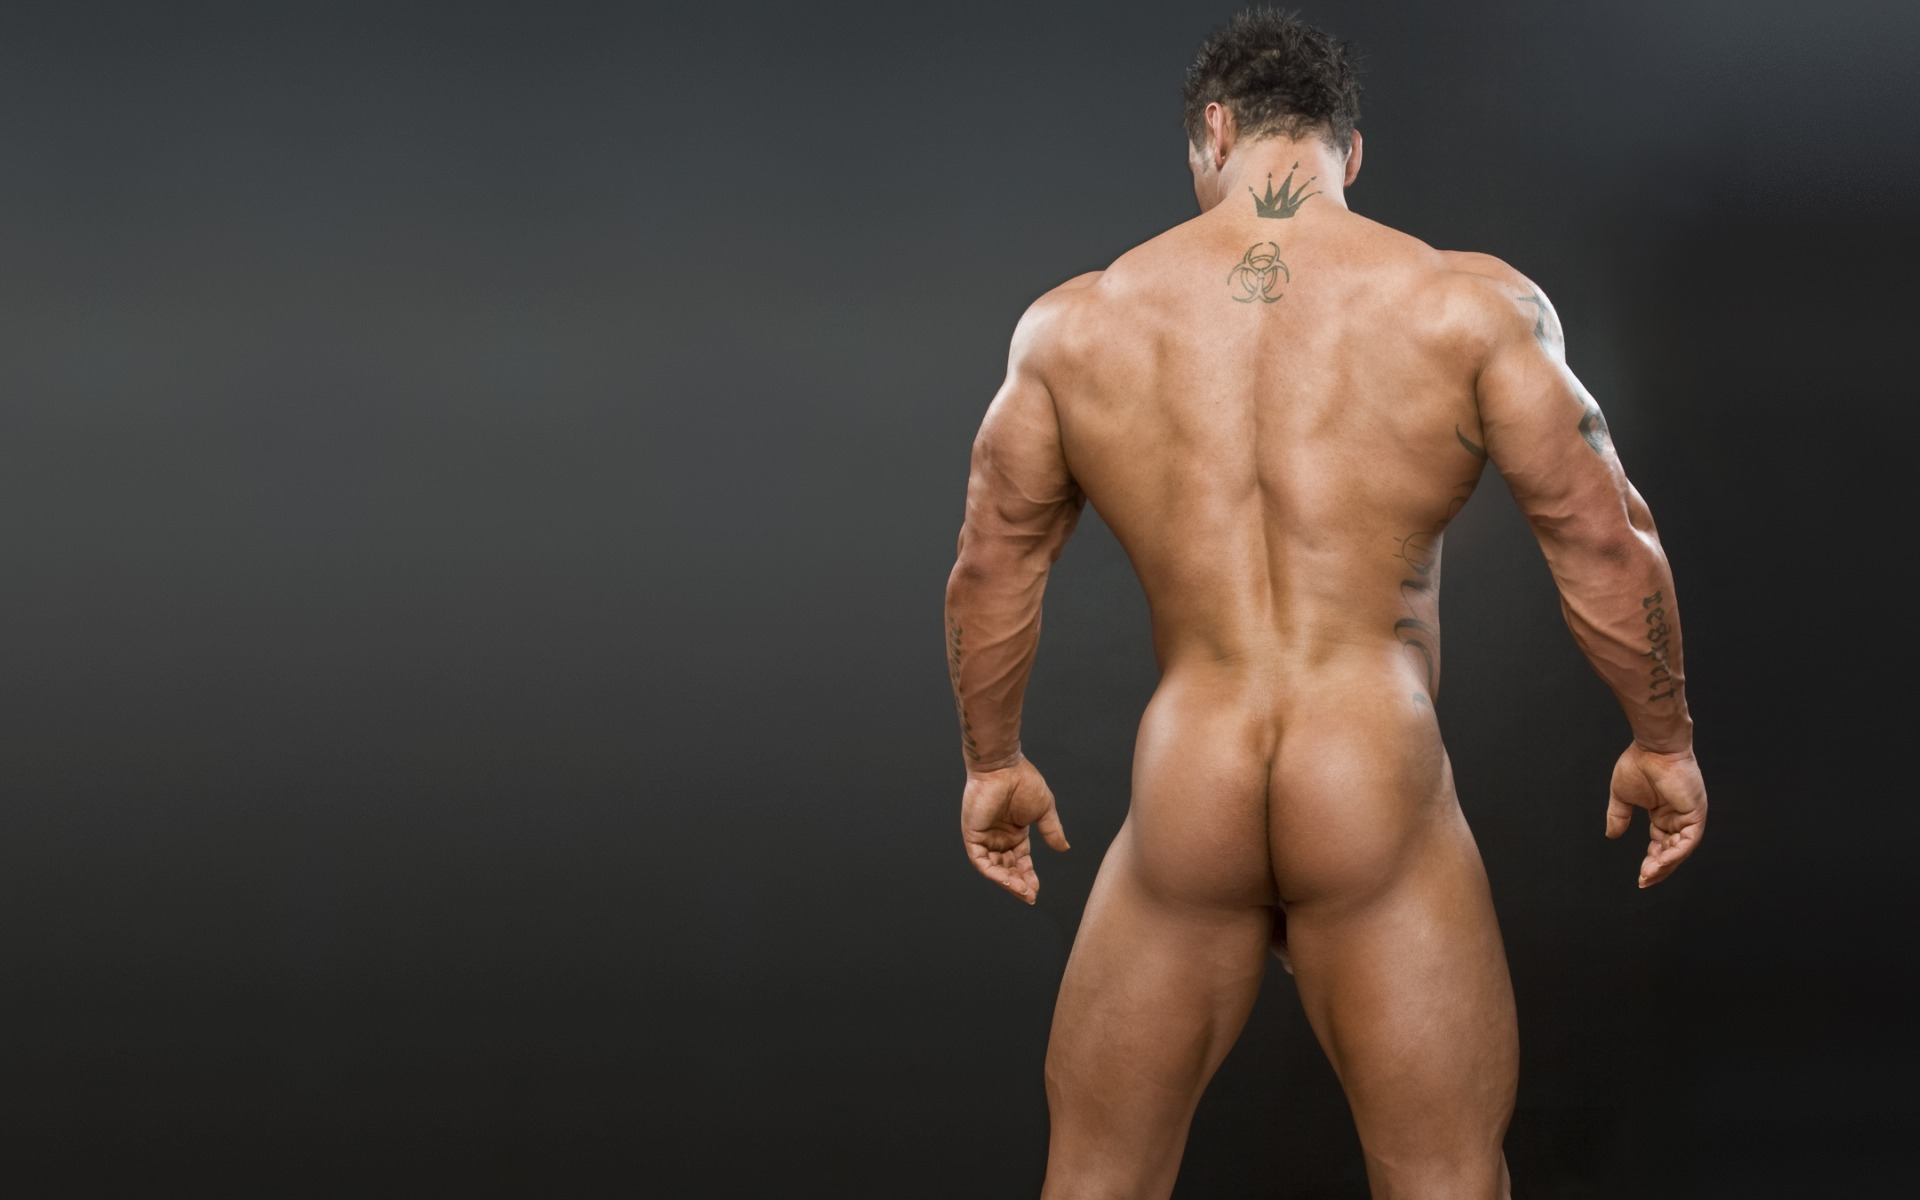 Эротика мужики голые, Голые парни: порно видео онлайн, смотреть порно на 23 фотография